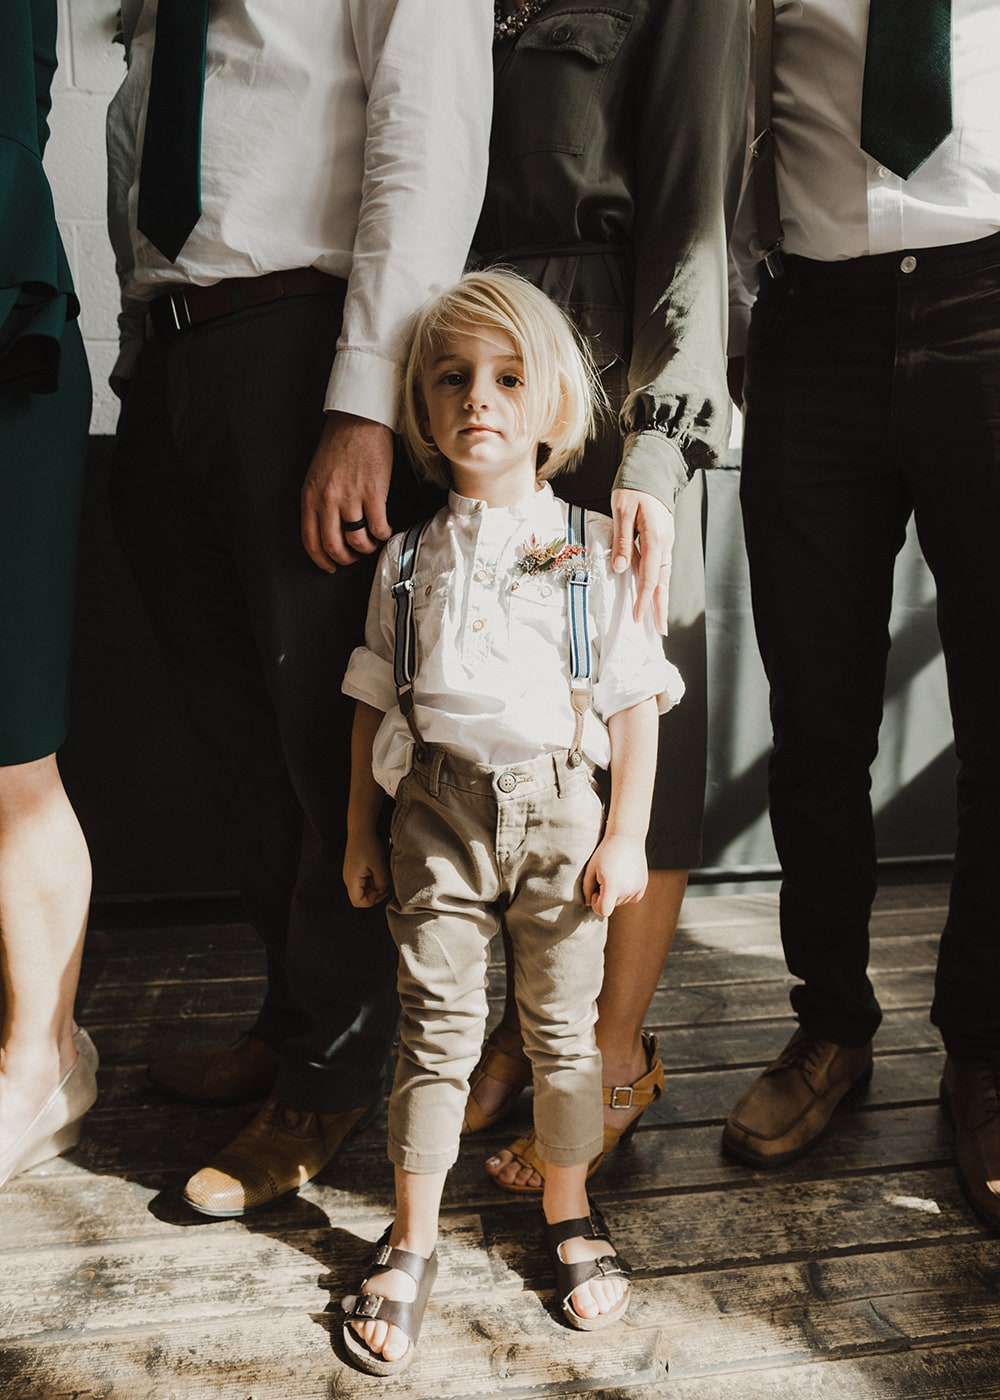 Little boy disheveled during ceremony